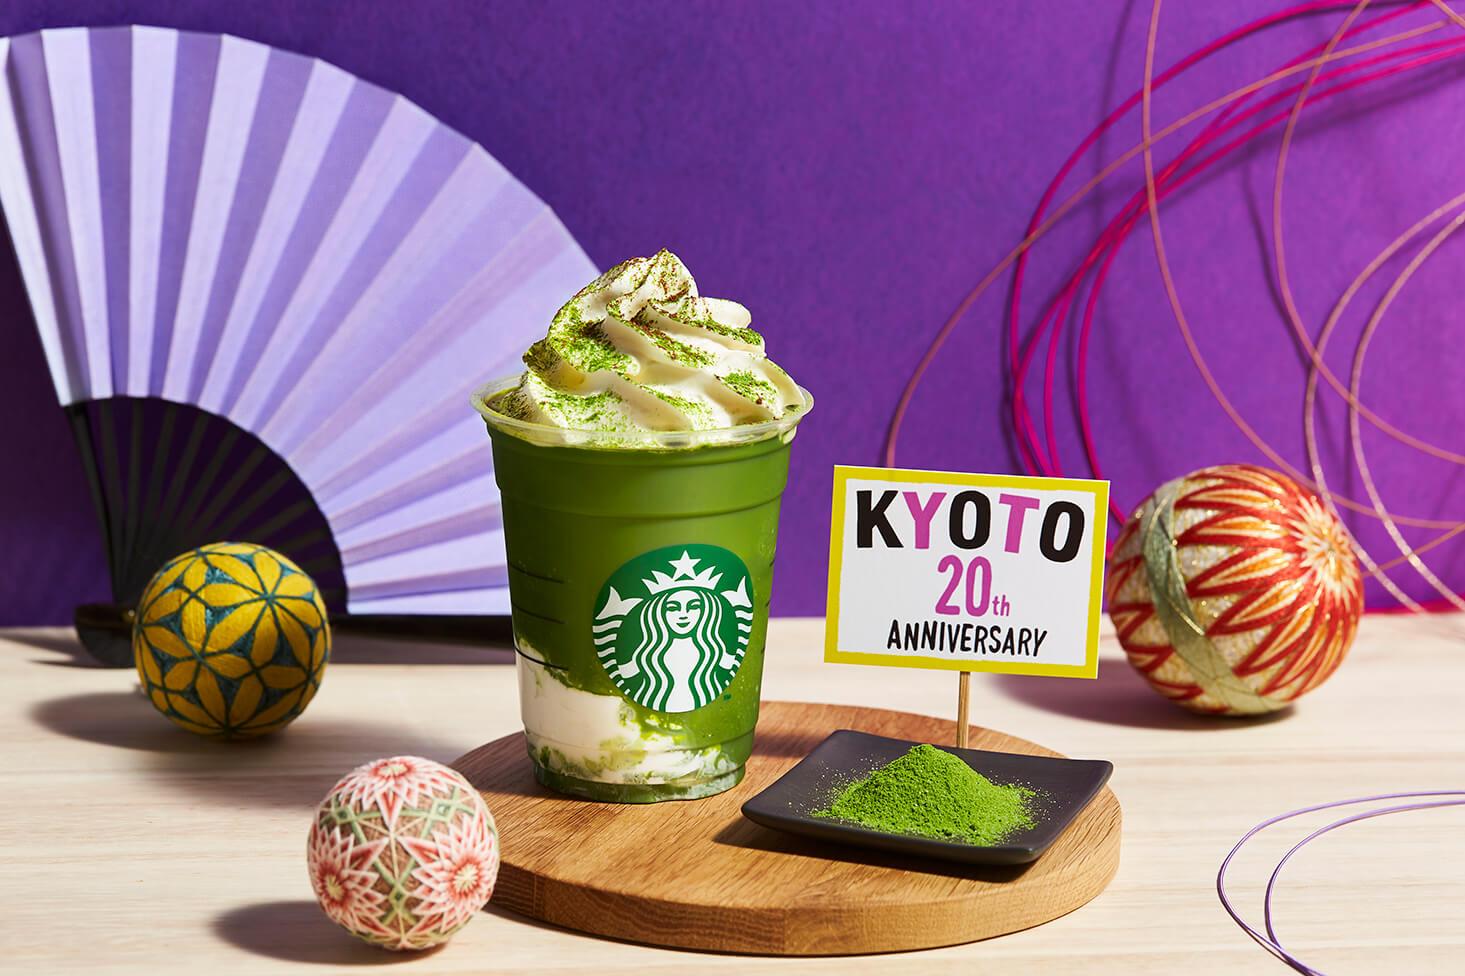 スターバックス コーヒー ジャパン Starbucks kyoto matcha 京都えらい抹茶抹茶フラペチーノ(R)